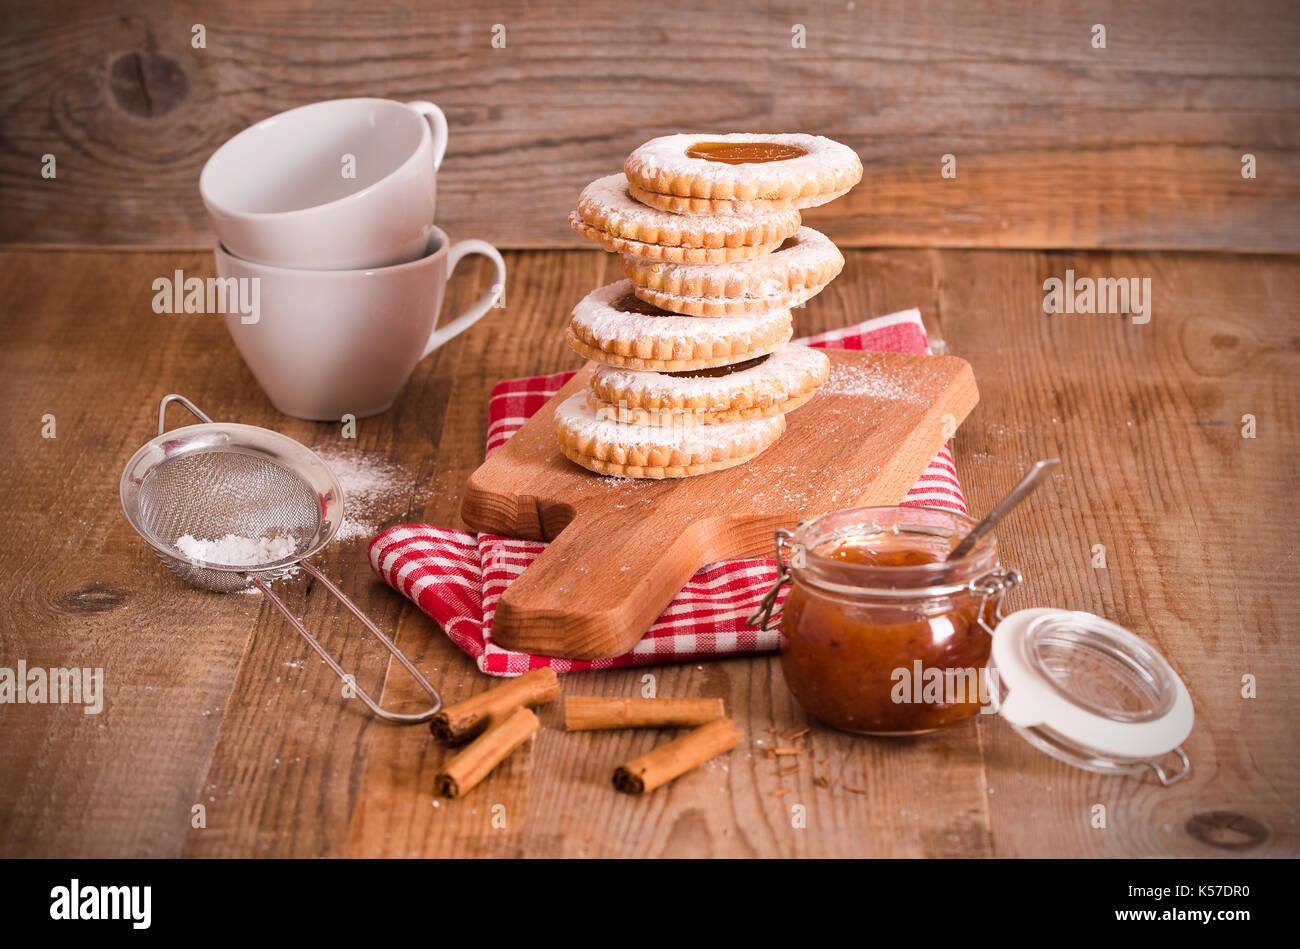 Le petit-déjeuner les cookies. Photo Stock